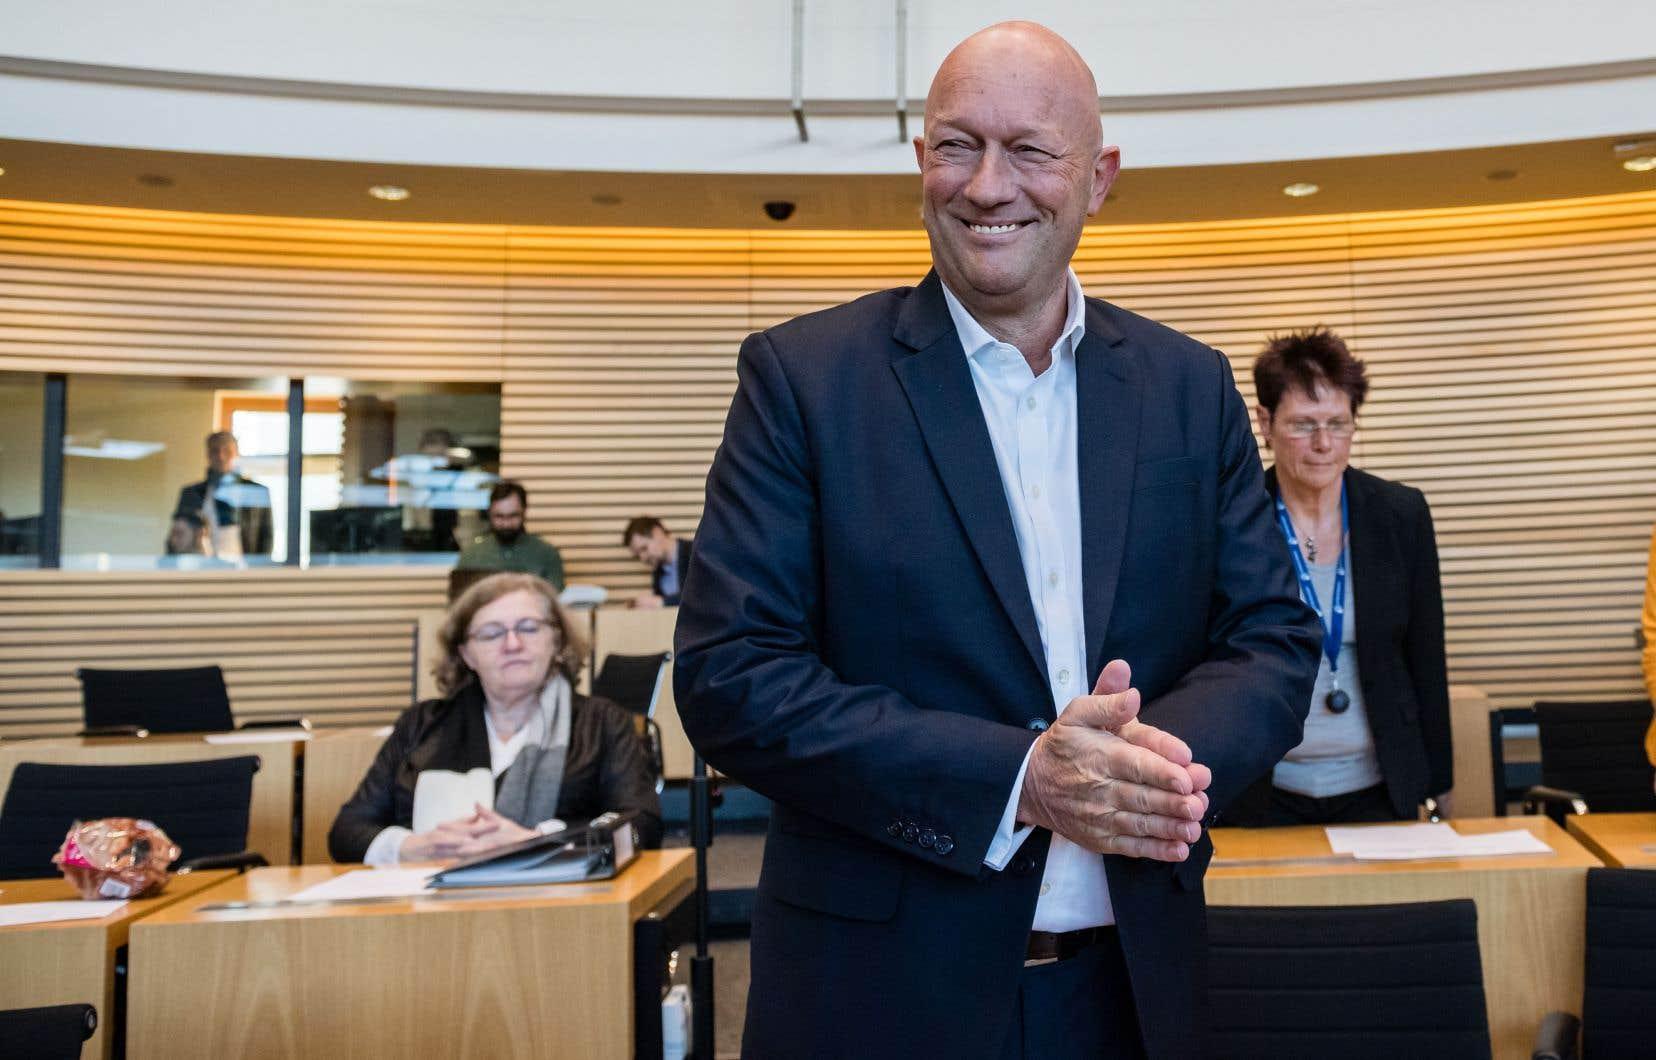 Le candidat d'un petit parti libéral, Thomas Kemmerich, a été désigné mercredi par une très courte majorité pour diriger la Thuringe.